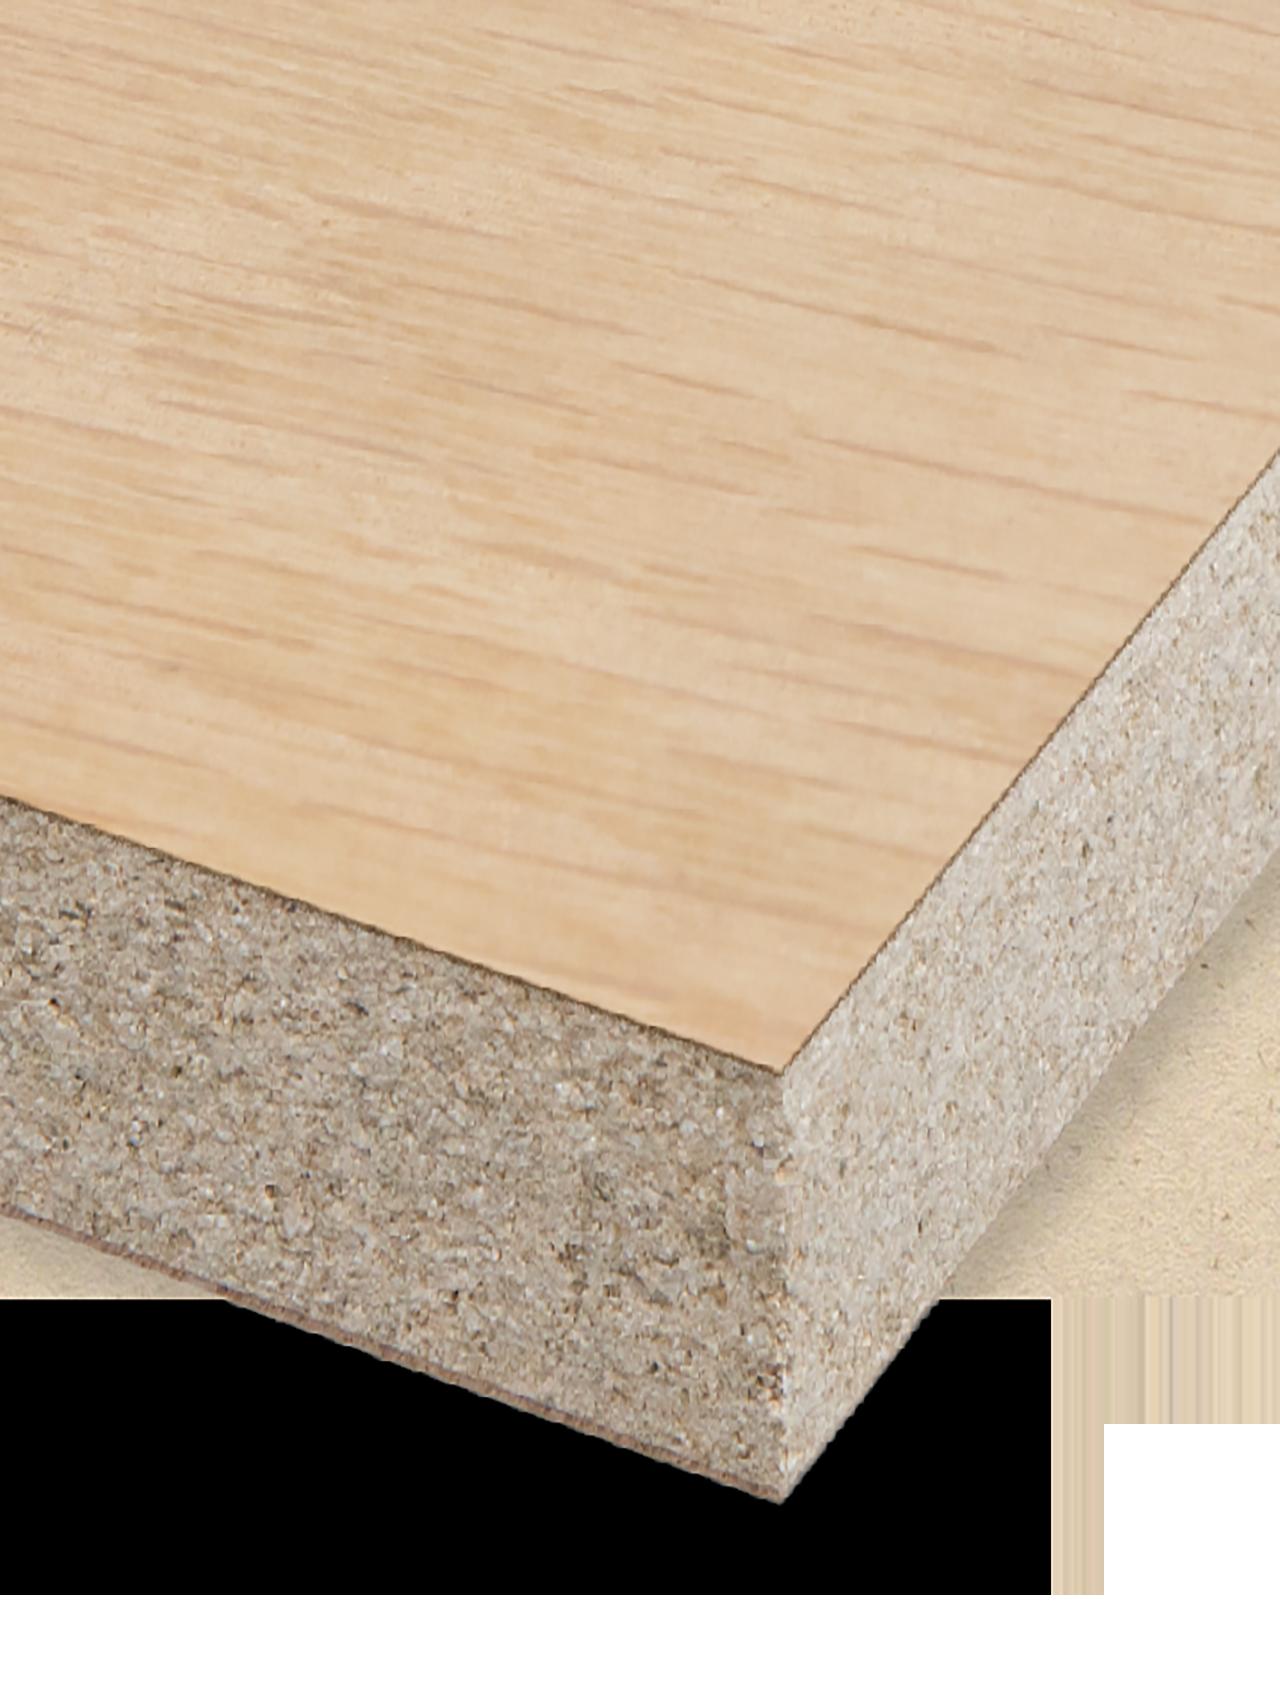 Veneered Vermiculite A1